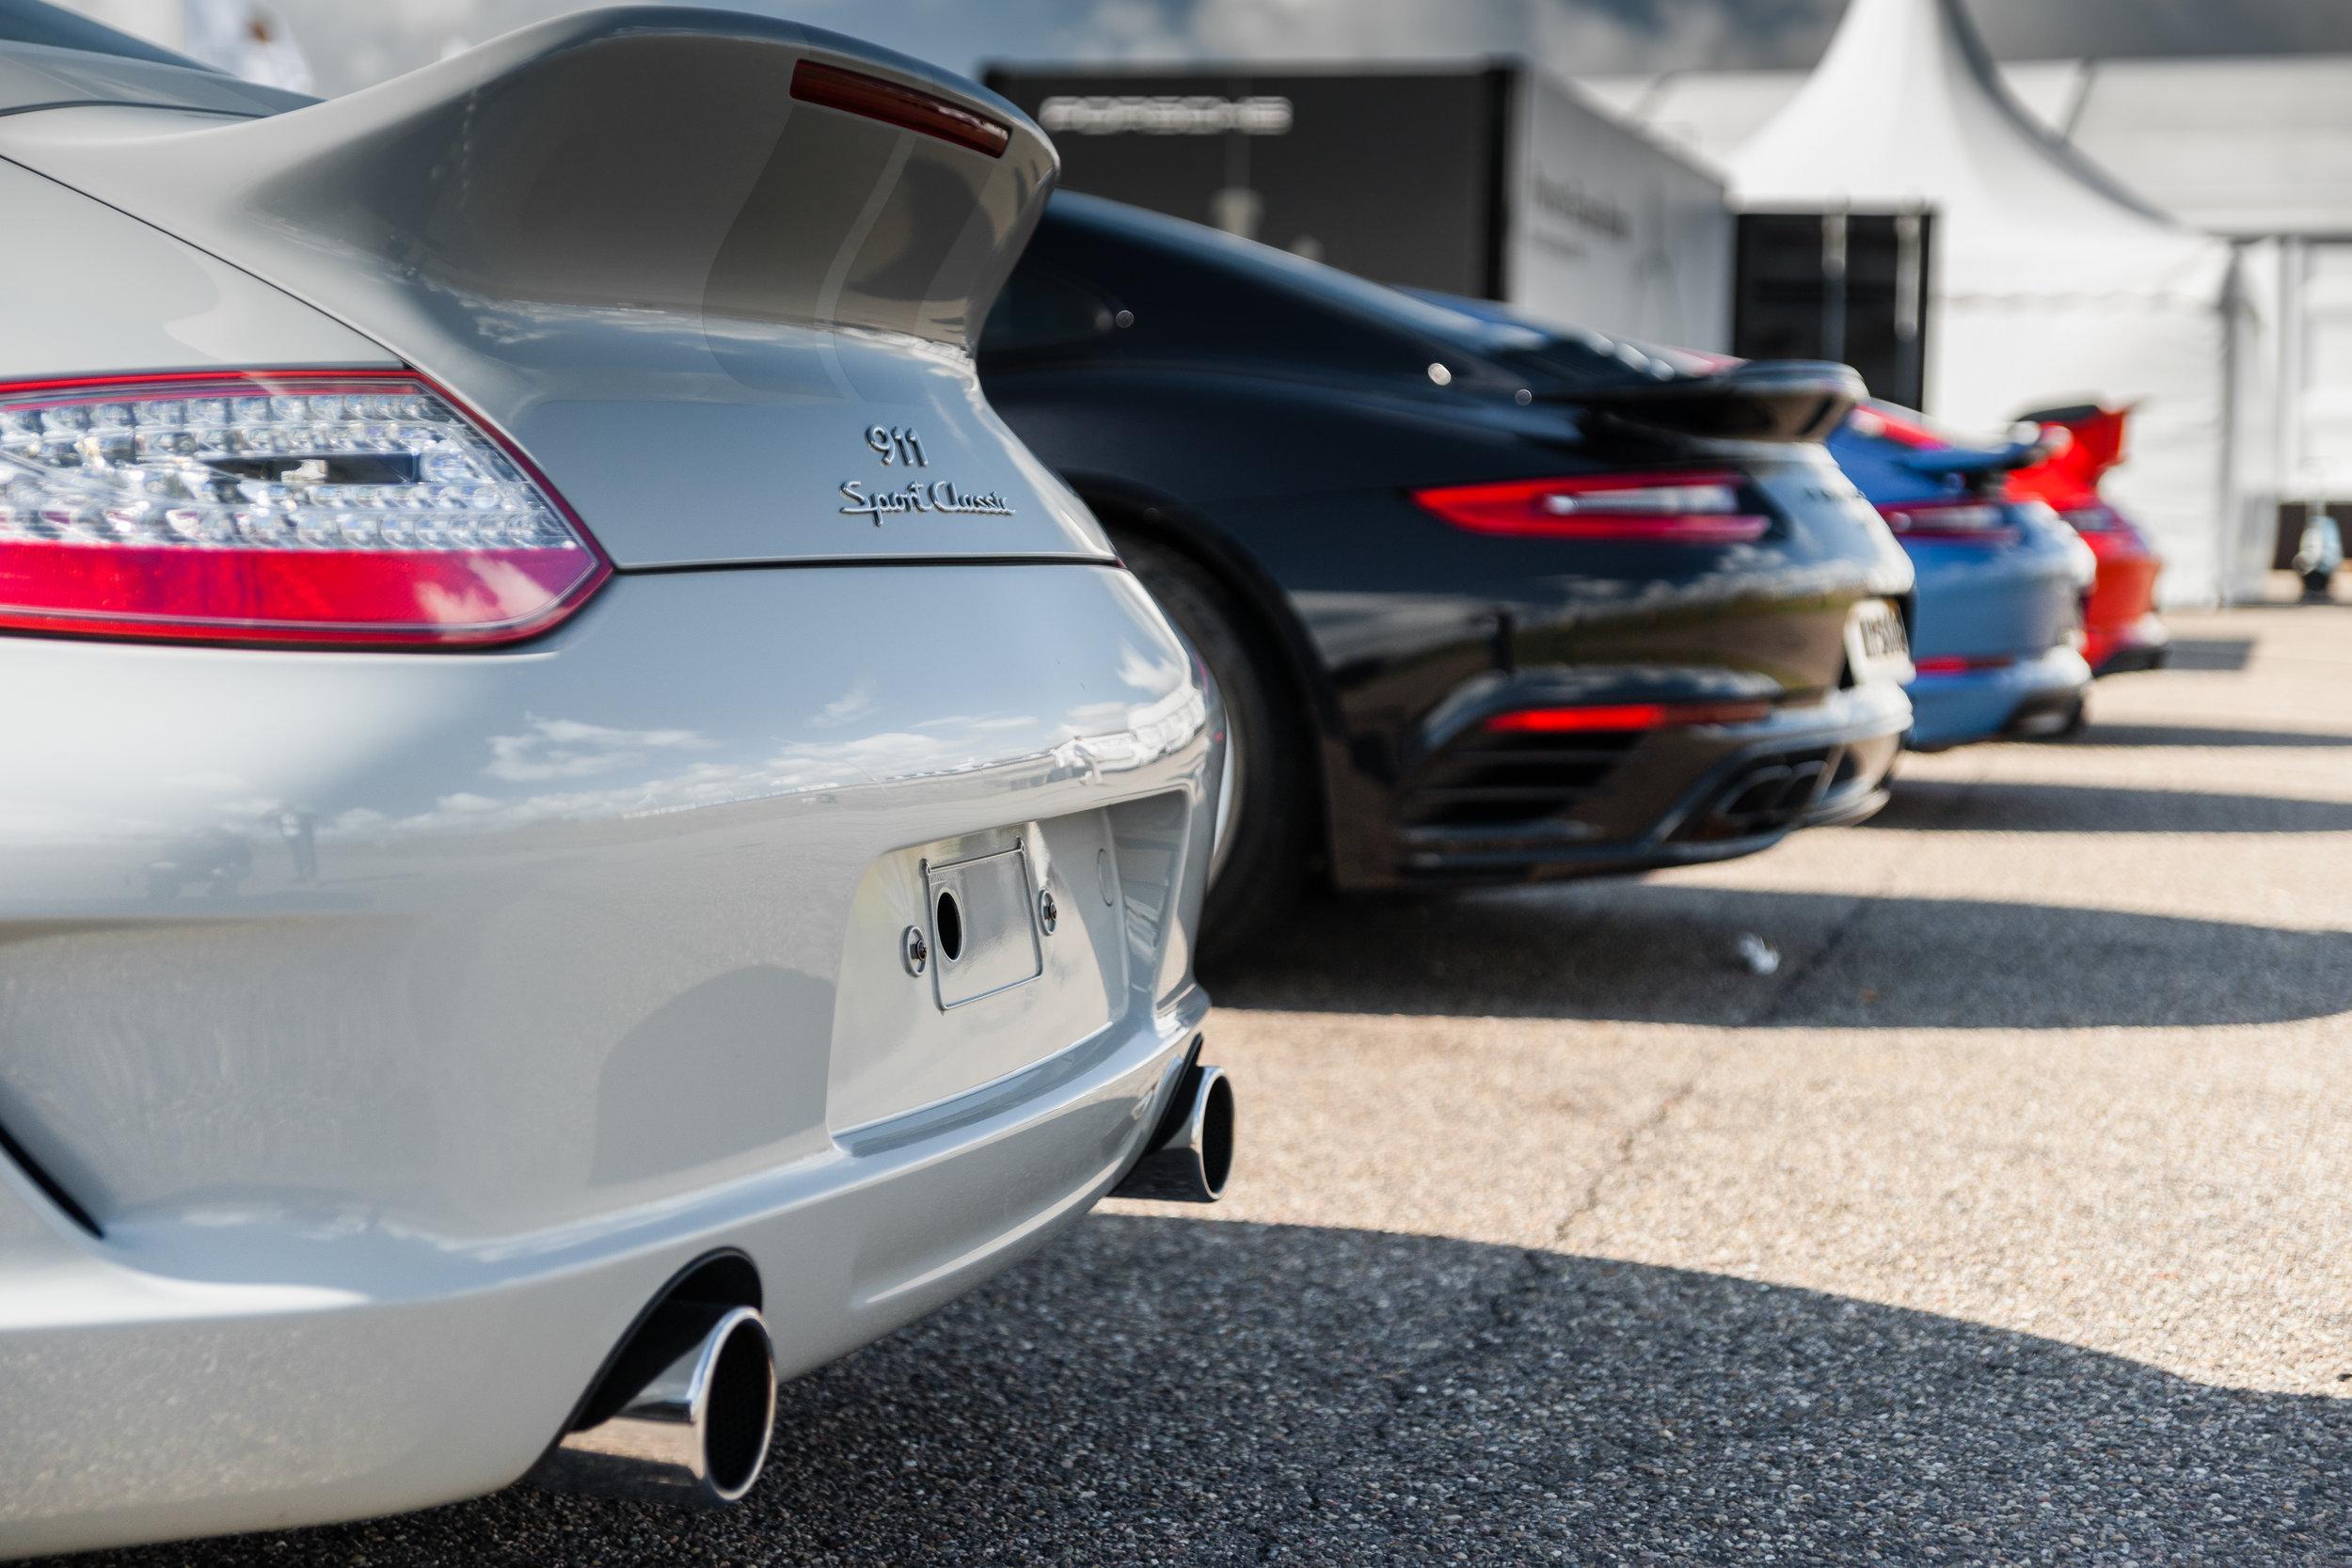 Porsche 911 Sport Classic & Porsche 911 GTS & Porsche 911 Turbo & Porsche GT3 RS